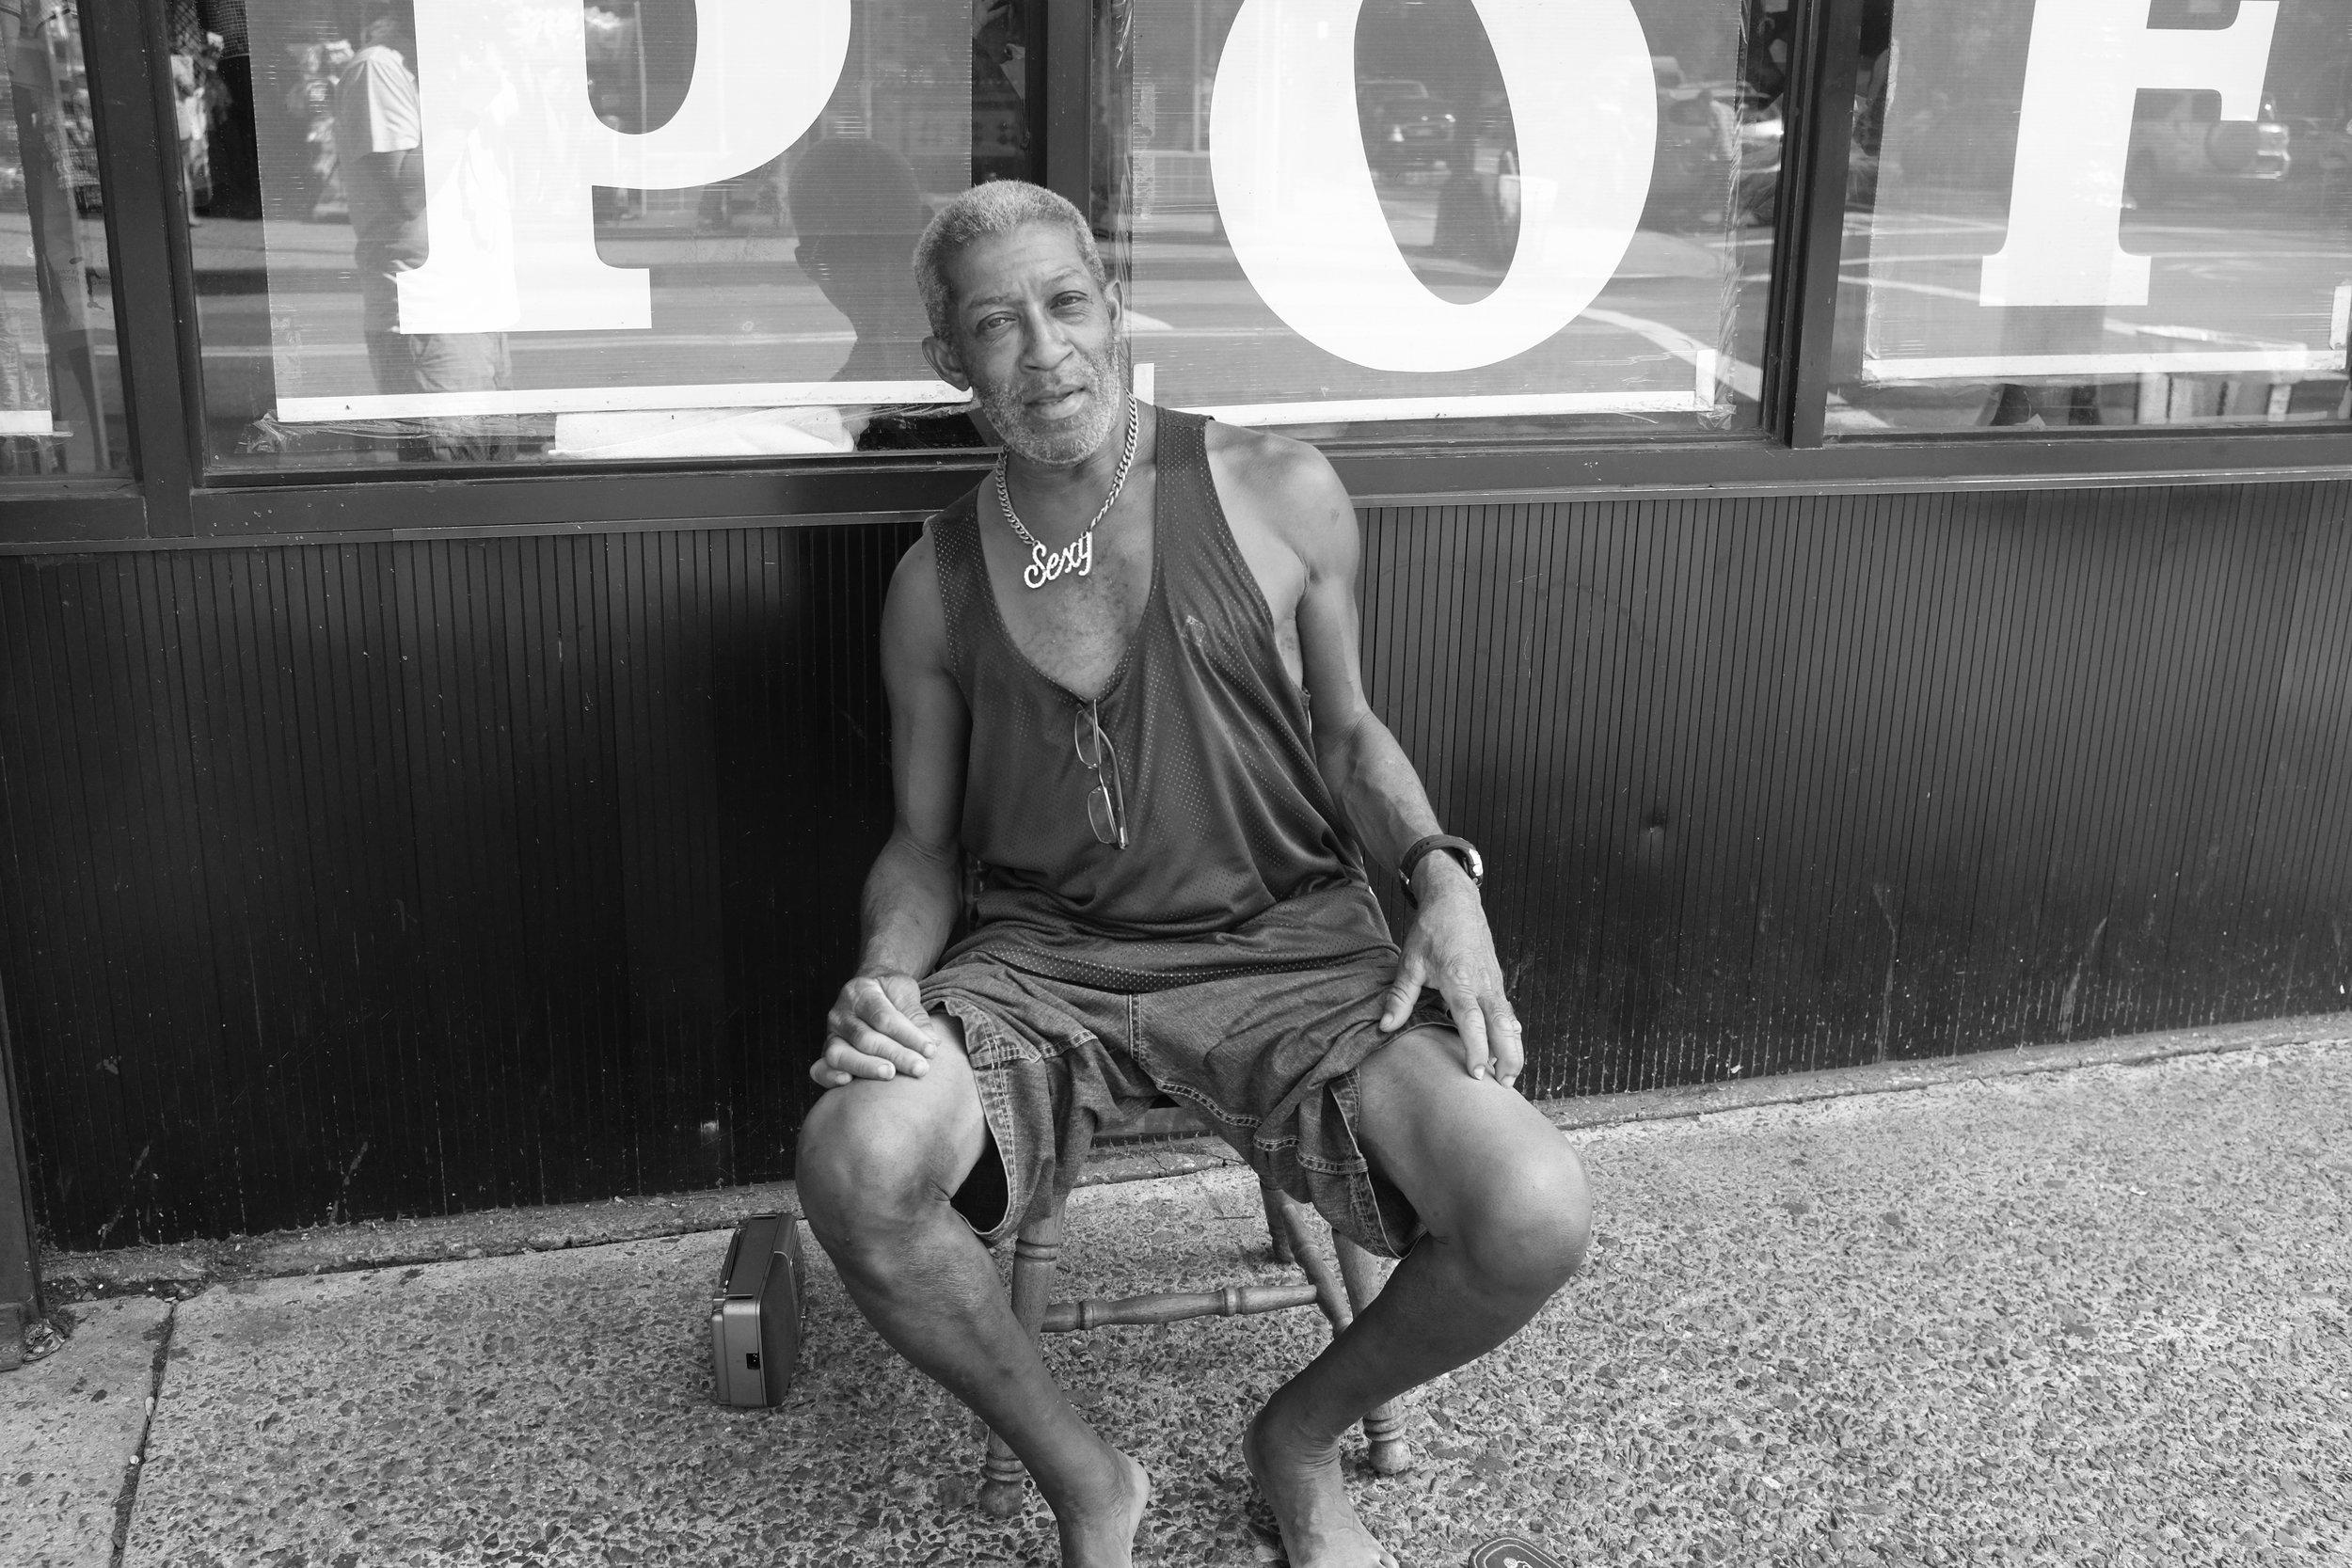 Sexy. Myrtle Avenue. Clinton Hill. Brooklyn. 2016.